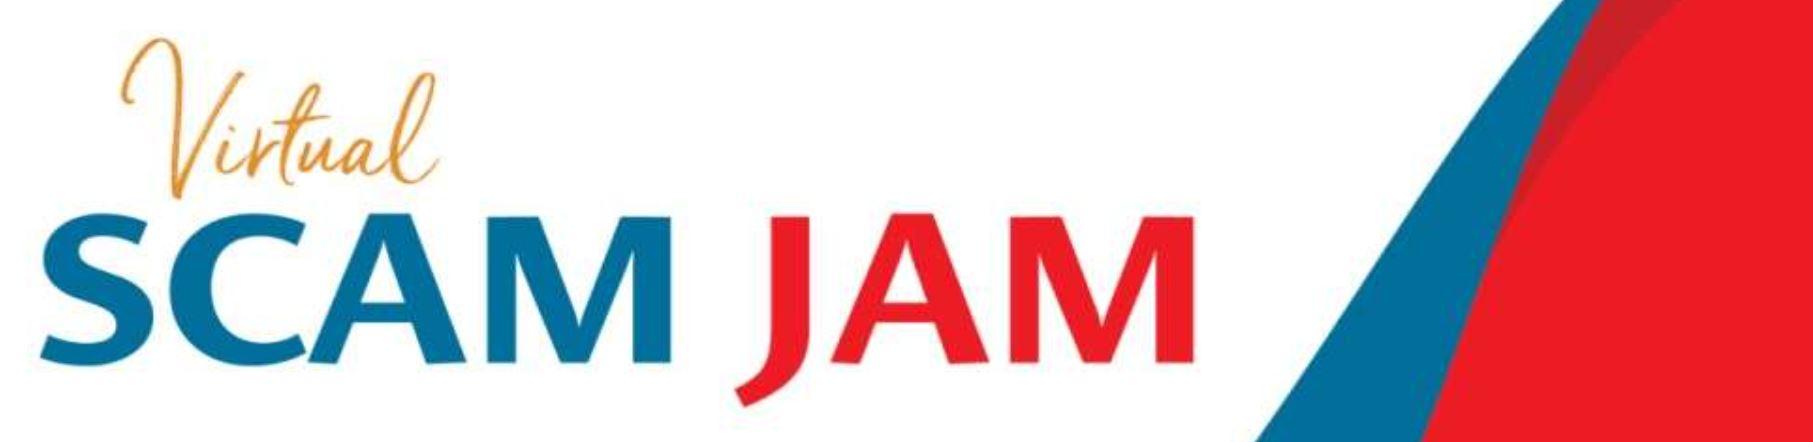 BBB AARP Scam Jam